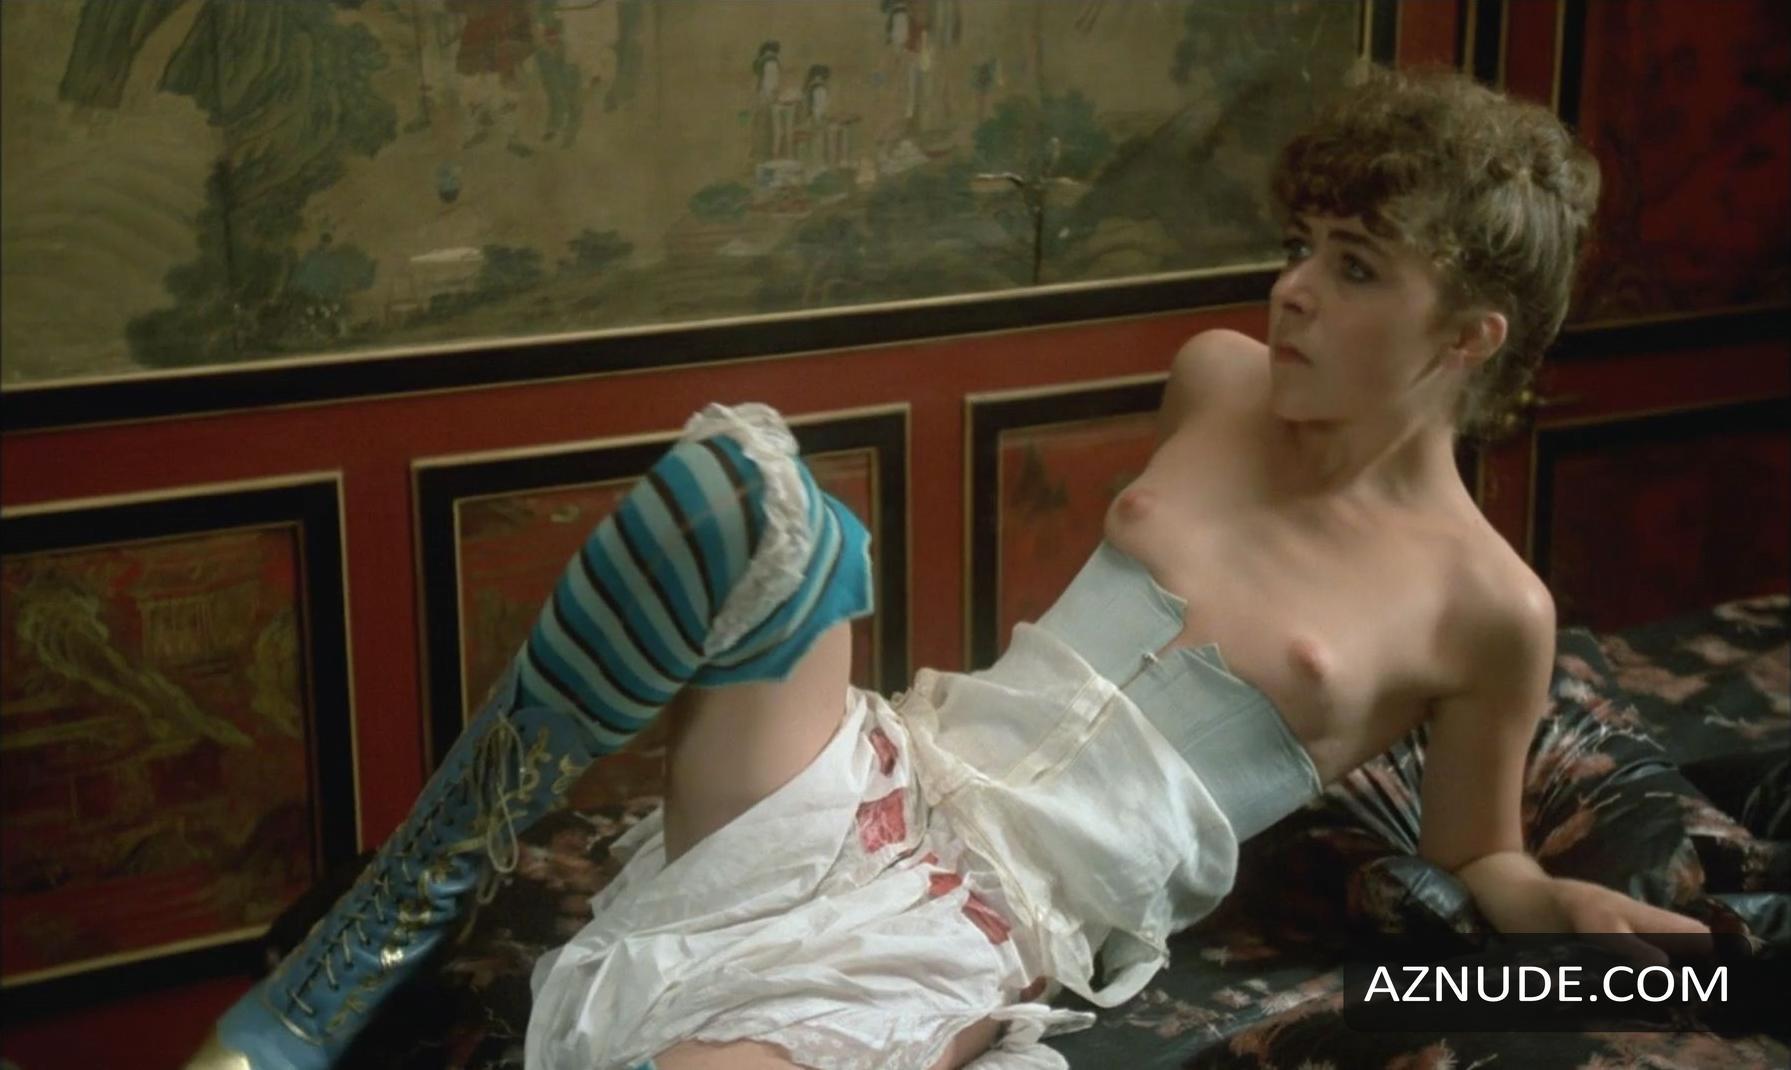 Preciosas anne s fotos desnudas